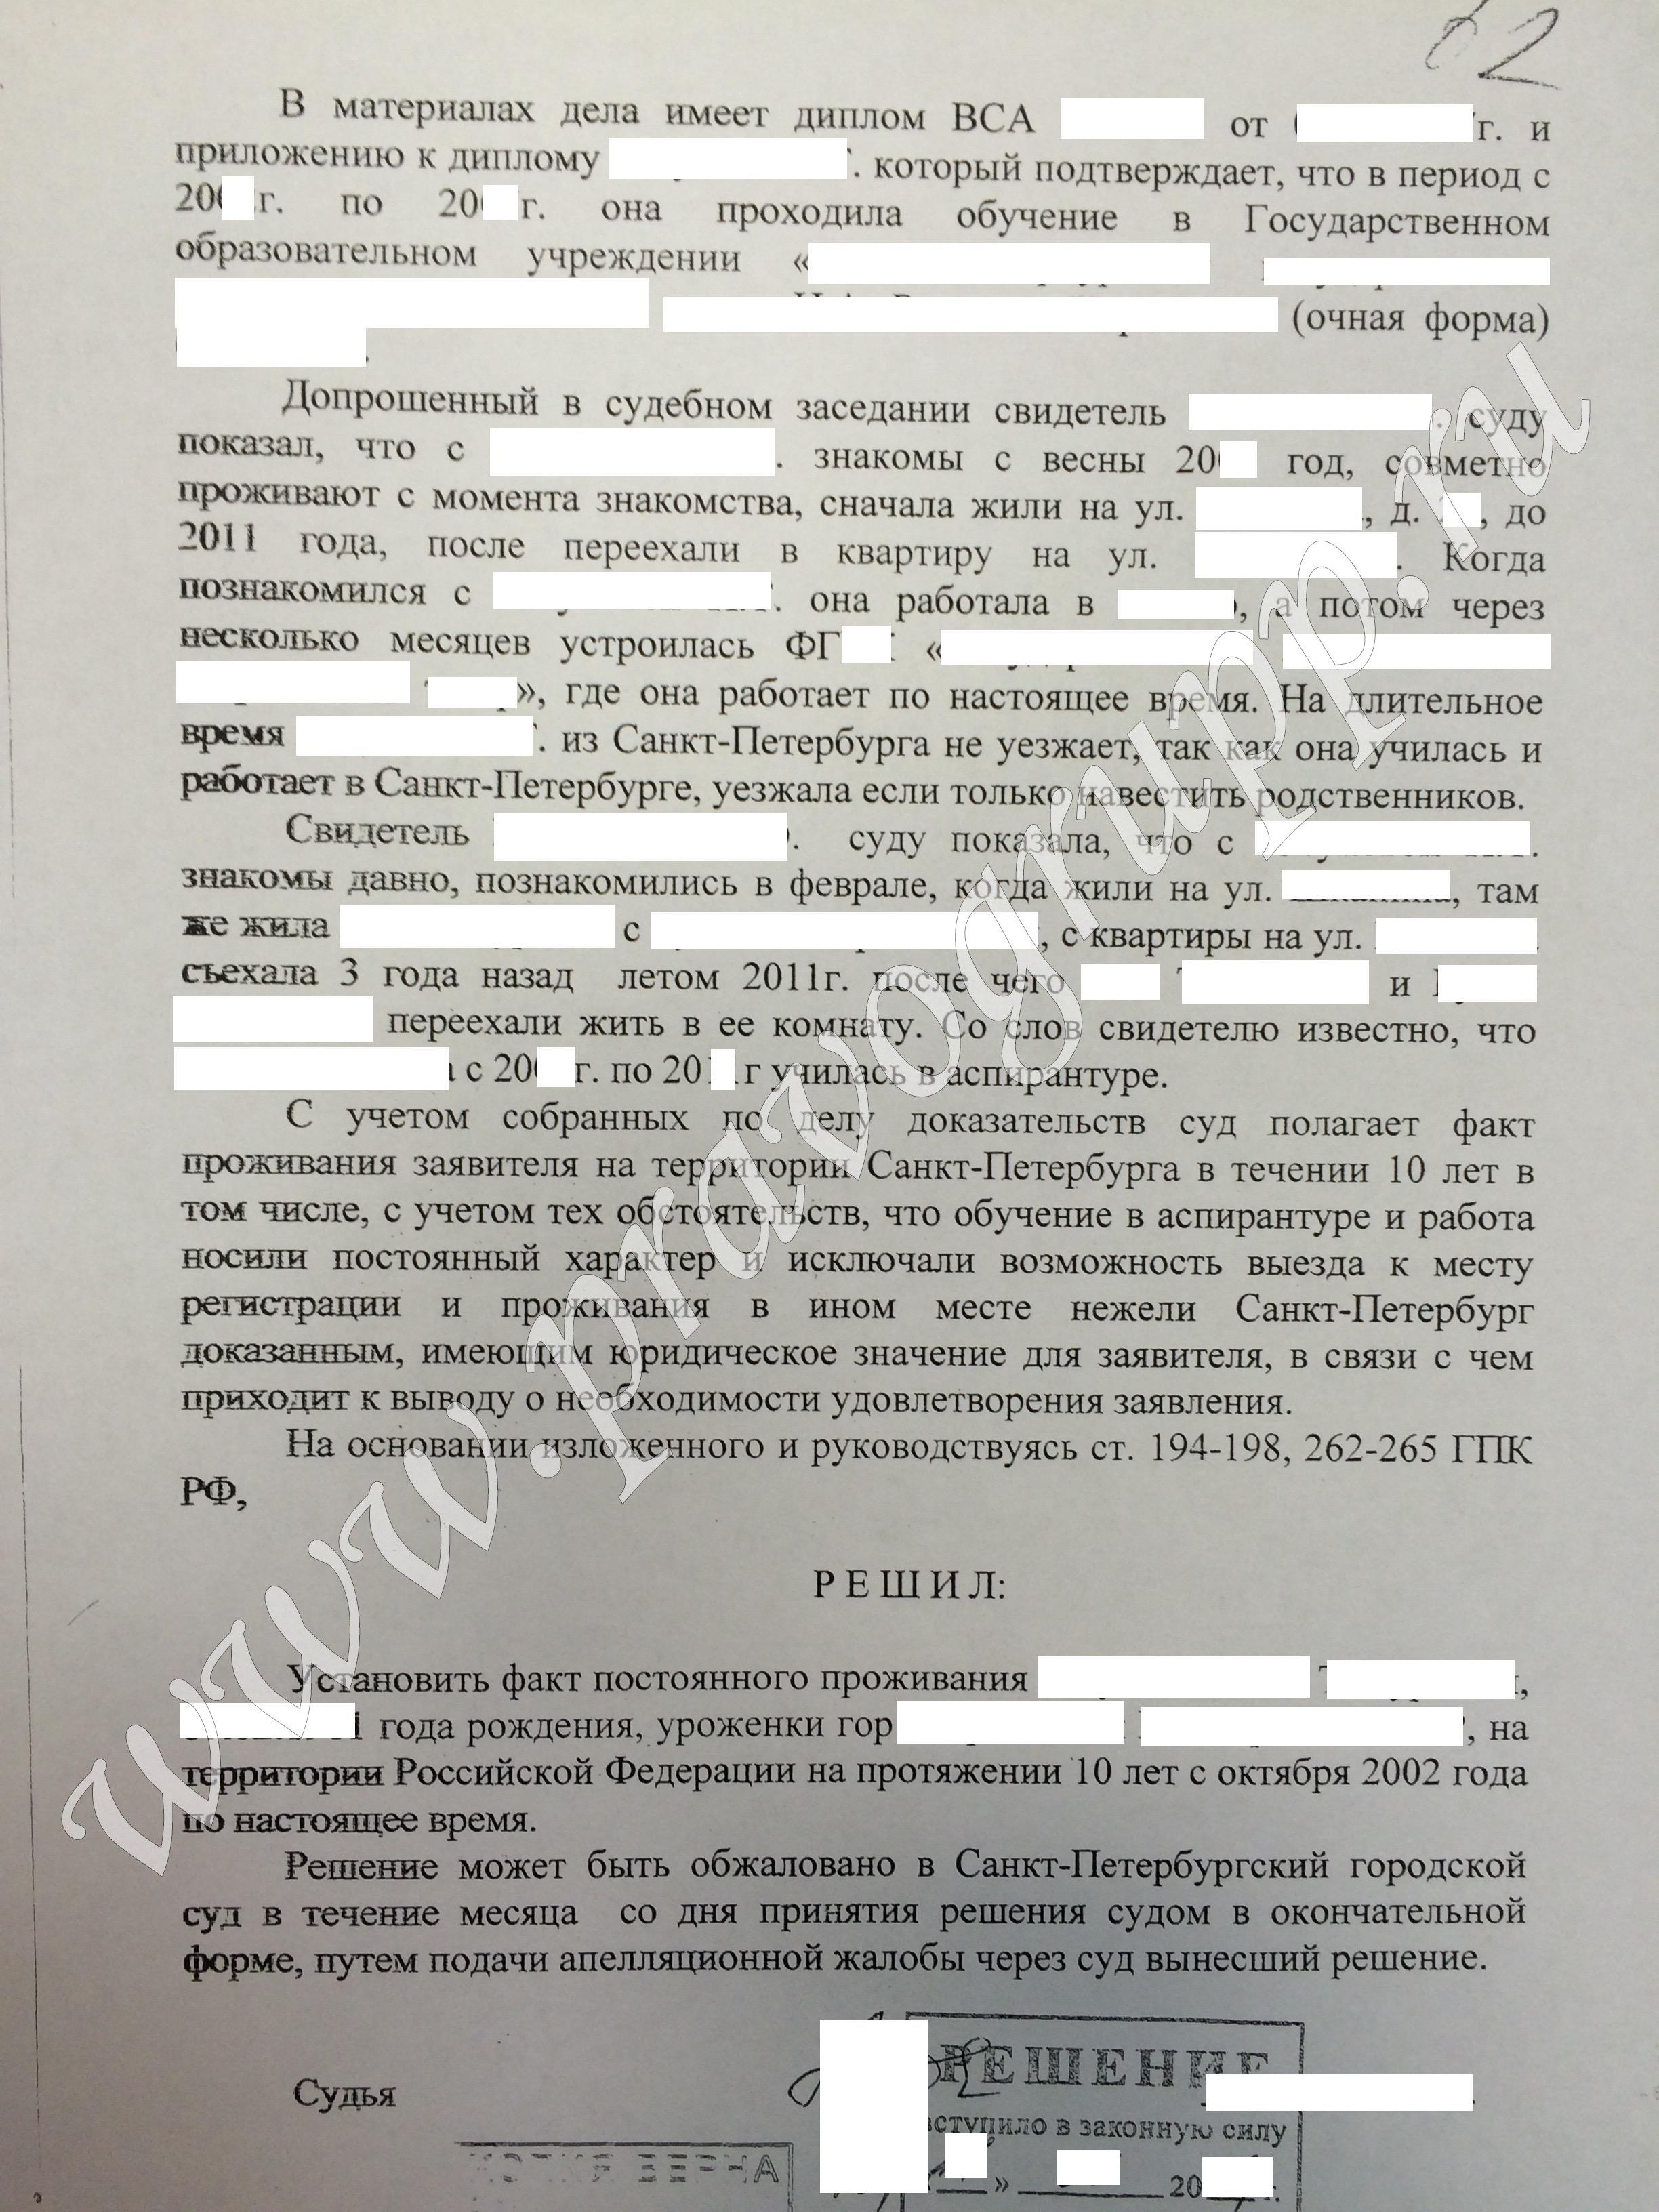 Установление юридического факта проживания в санкт-петербурге